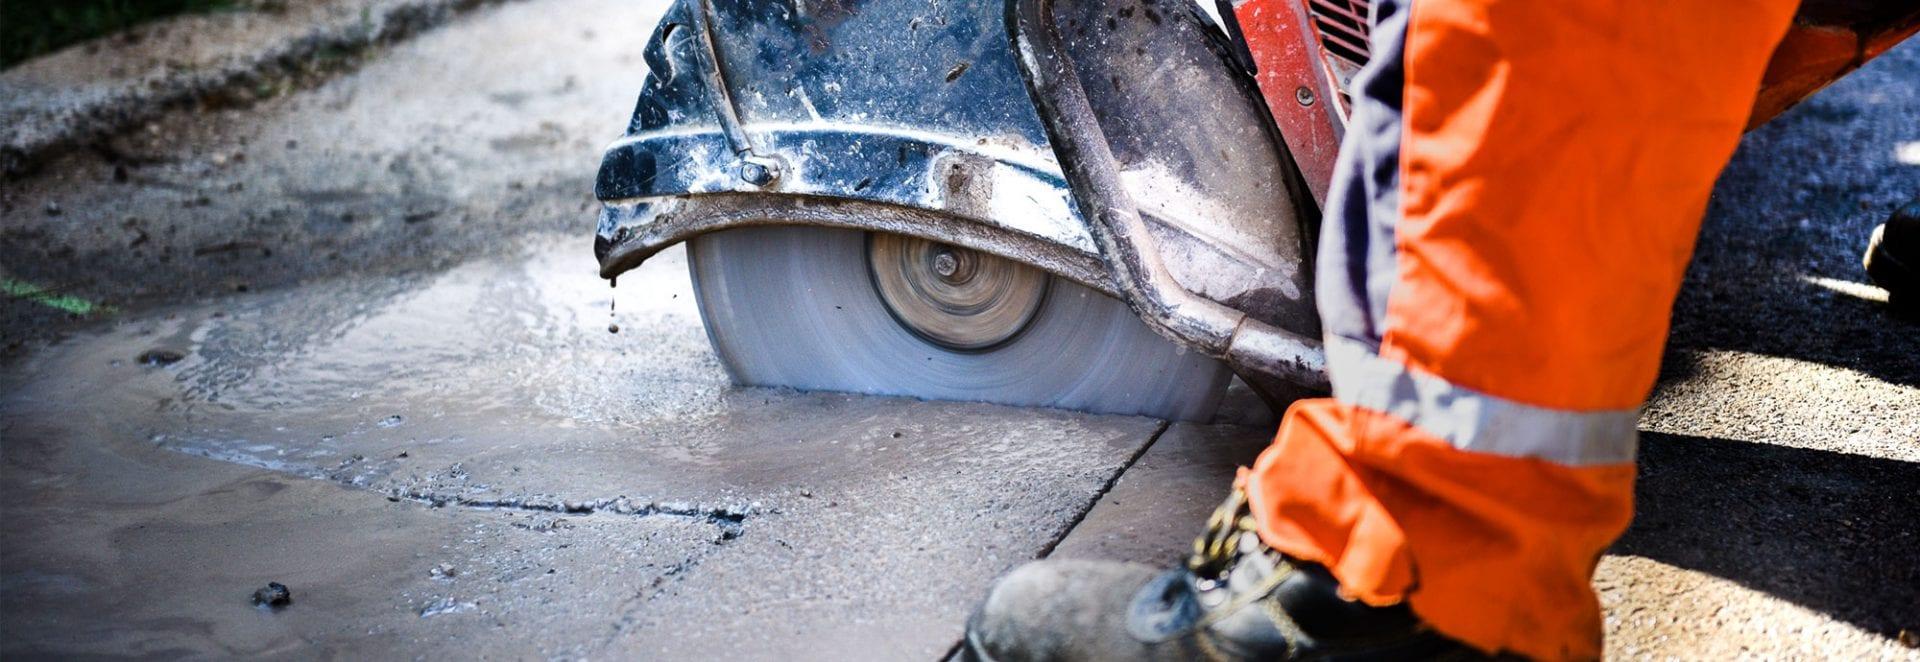 betongsagning